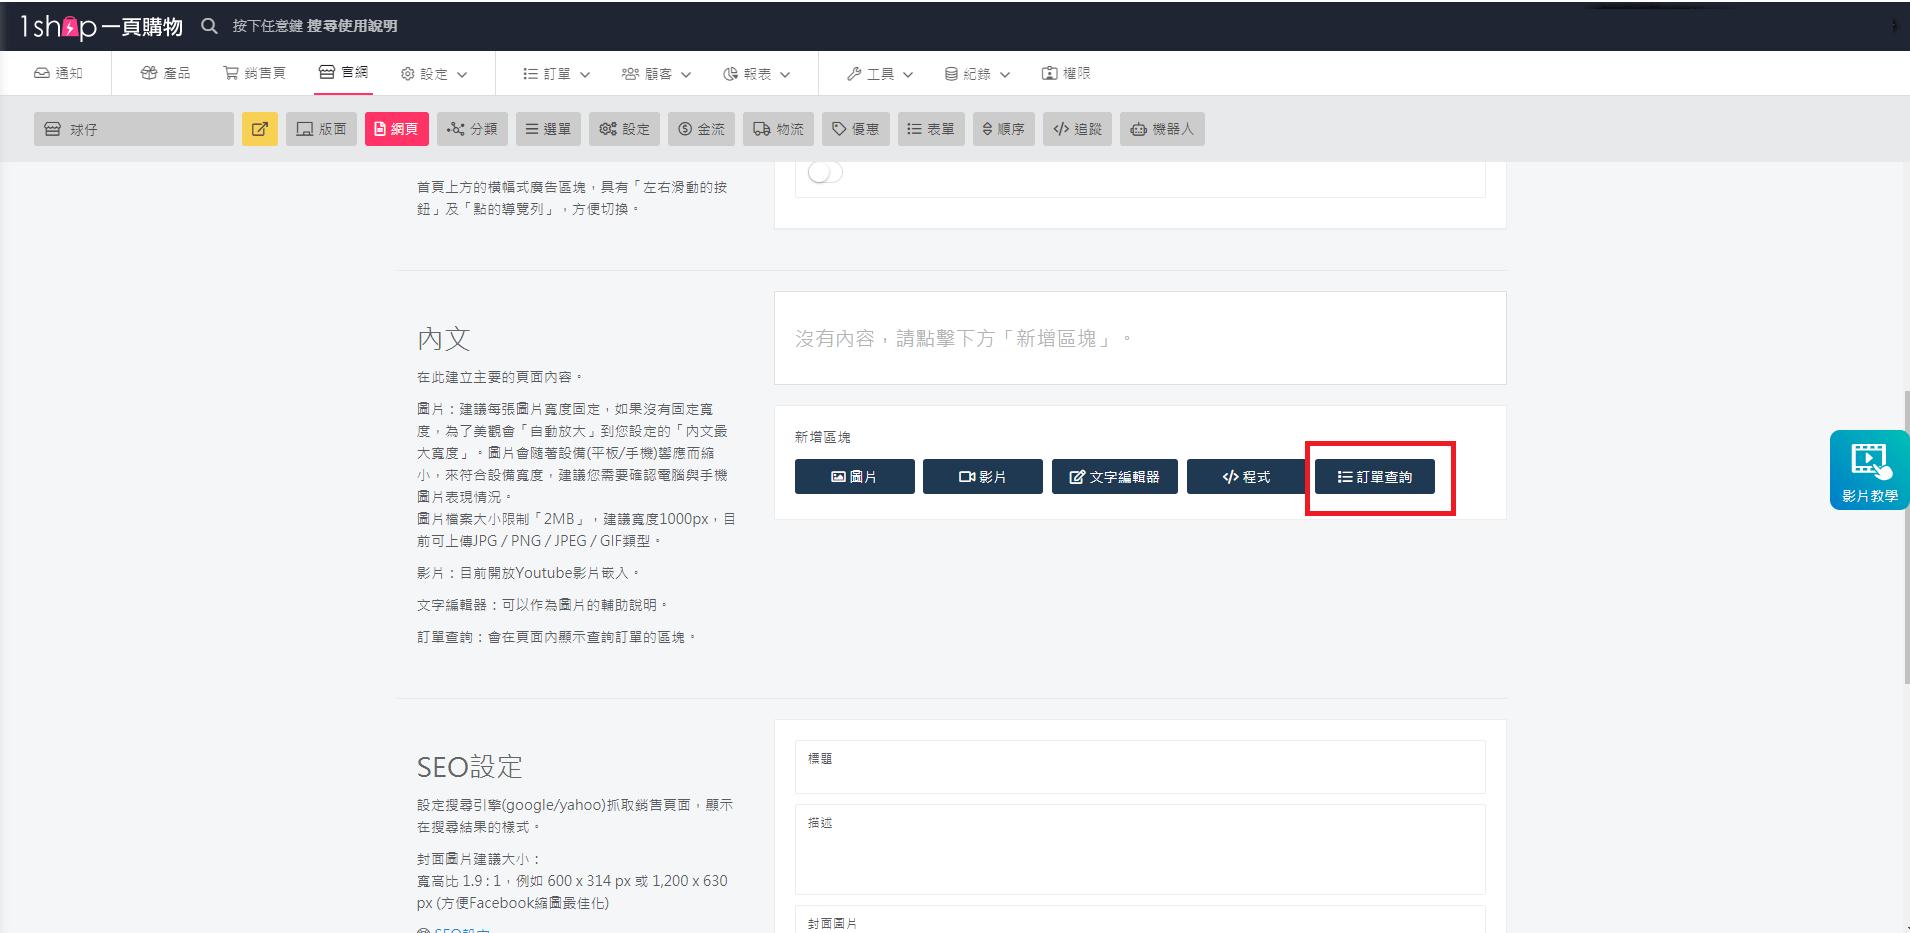 顧客查詢訂單 新增訂單查詢區塊